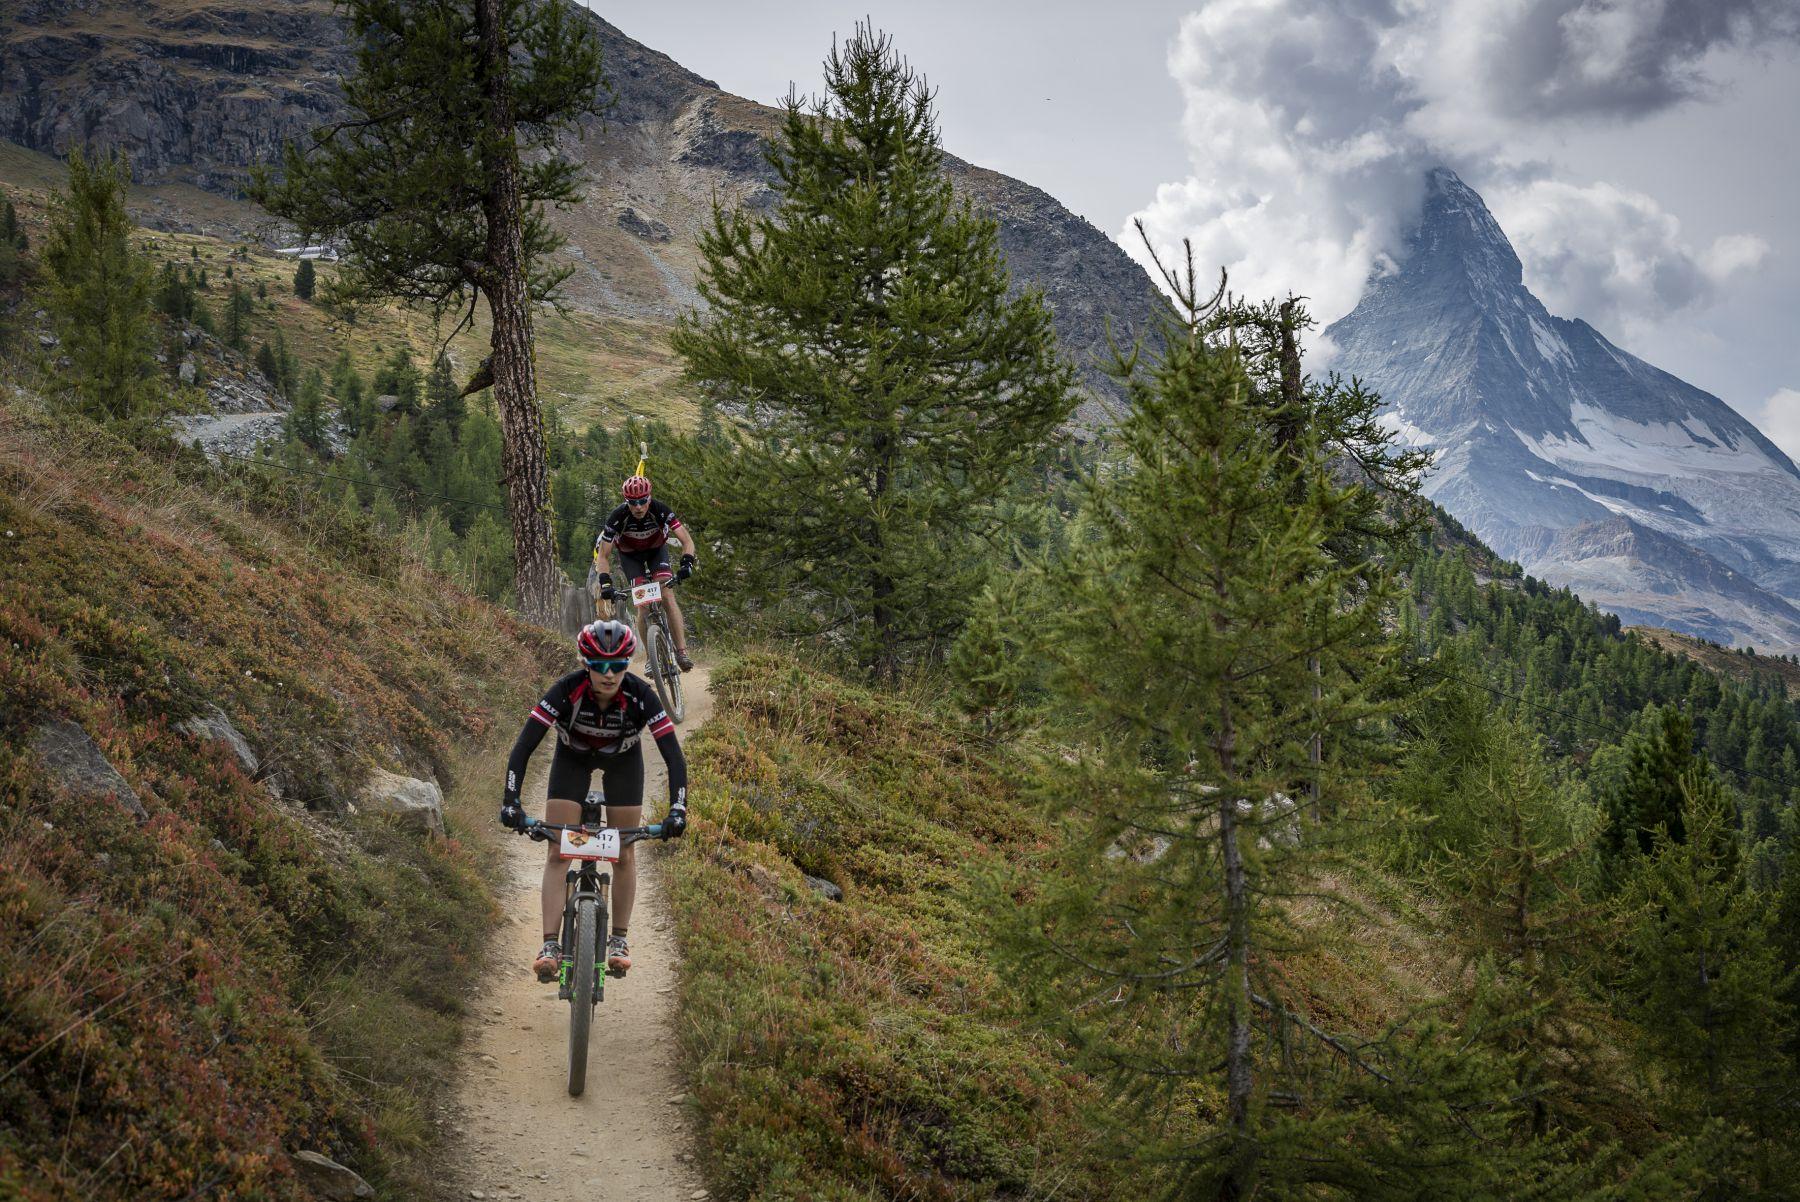 Y pocos recorridos más cargados de senderos como el de la Perskindol Swiss Epic